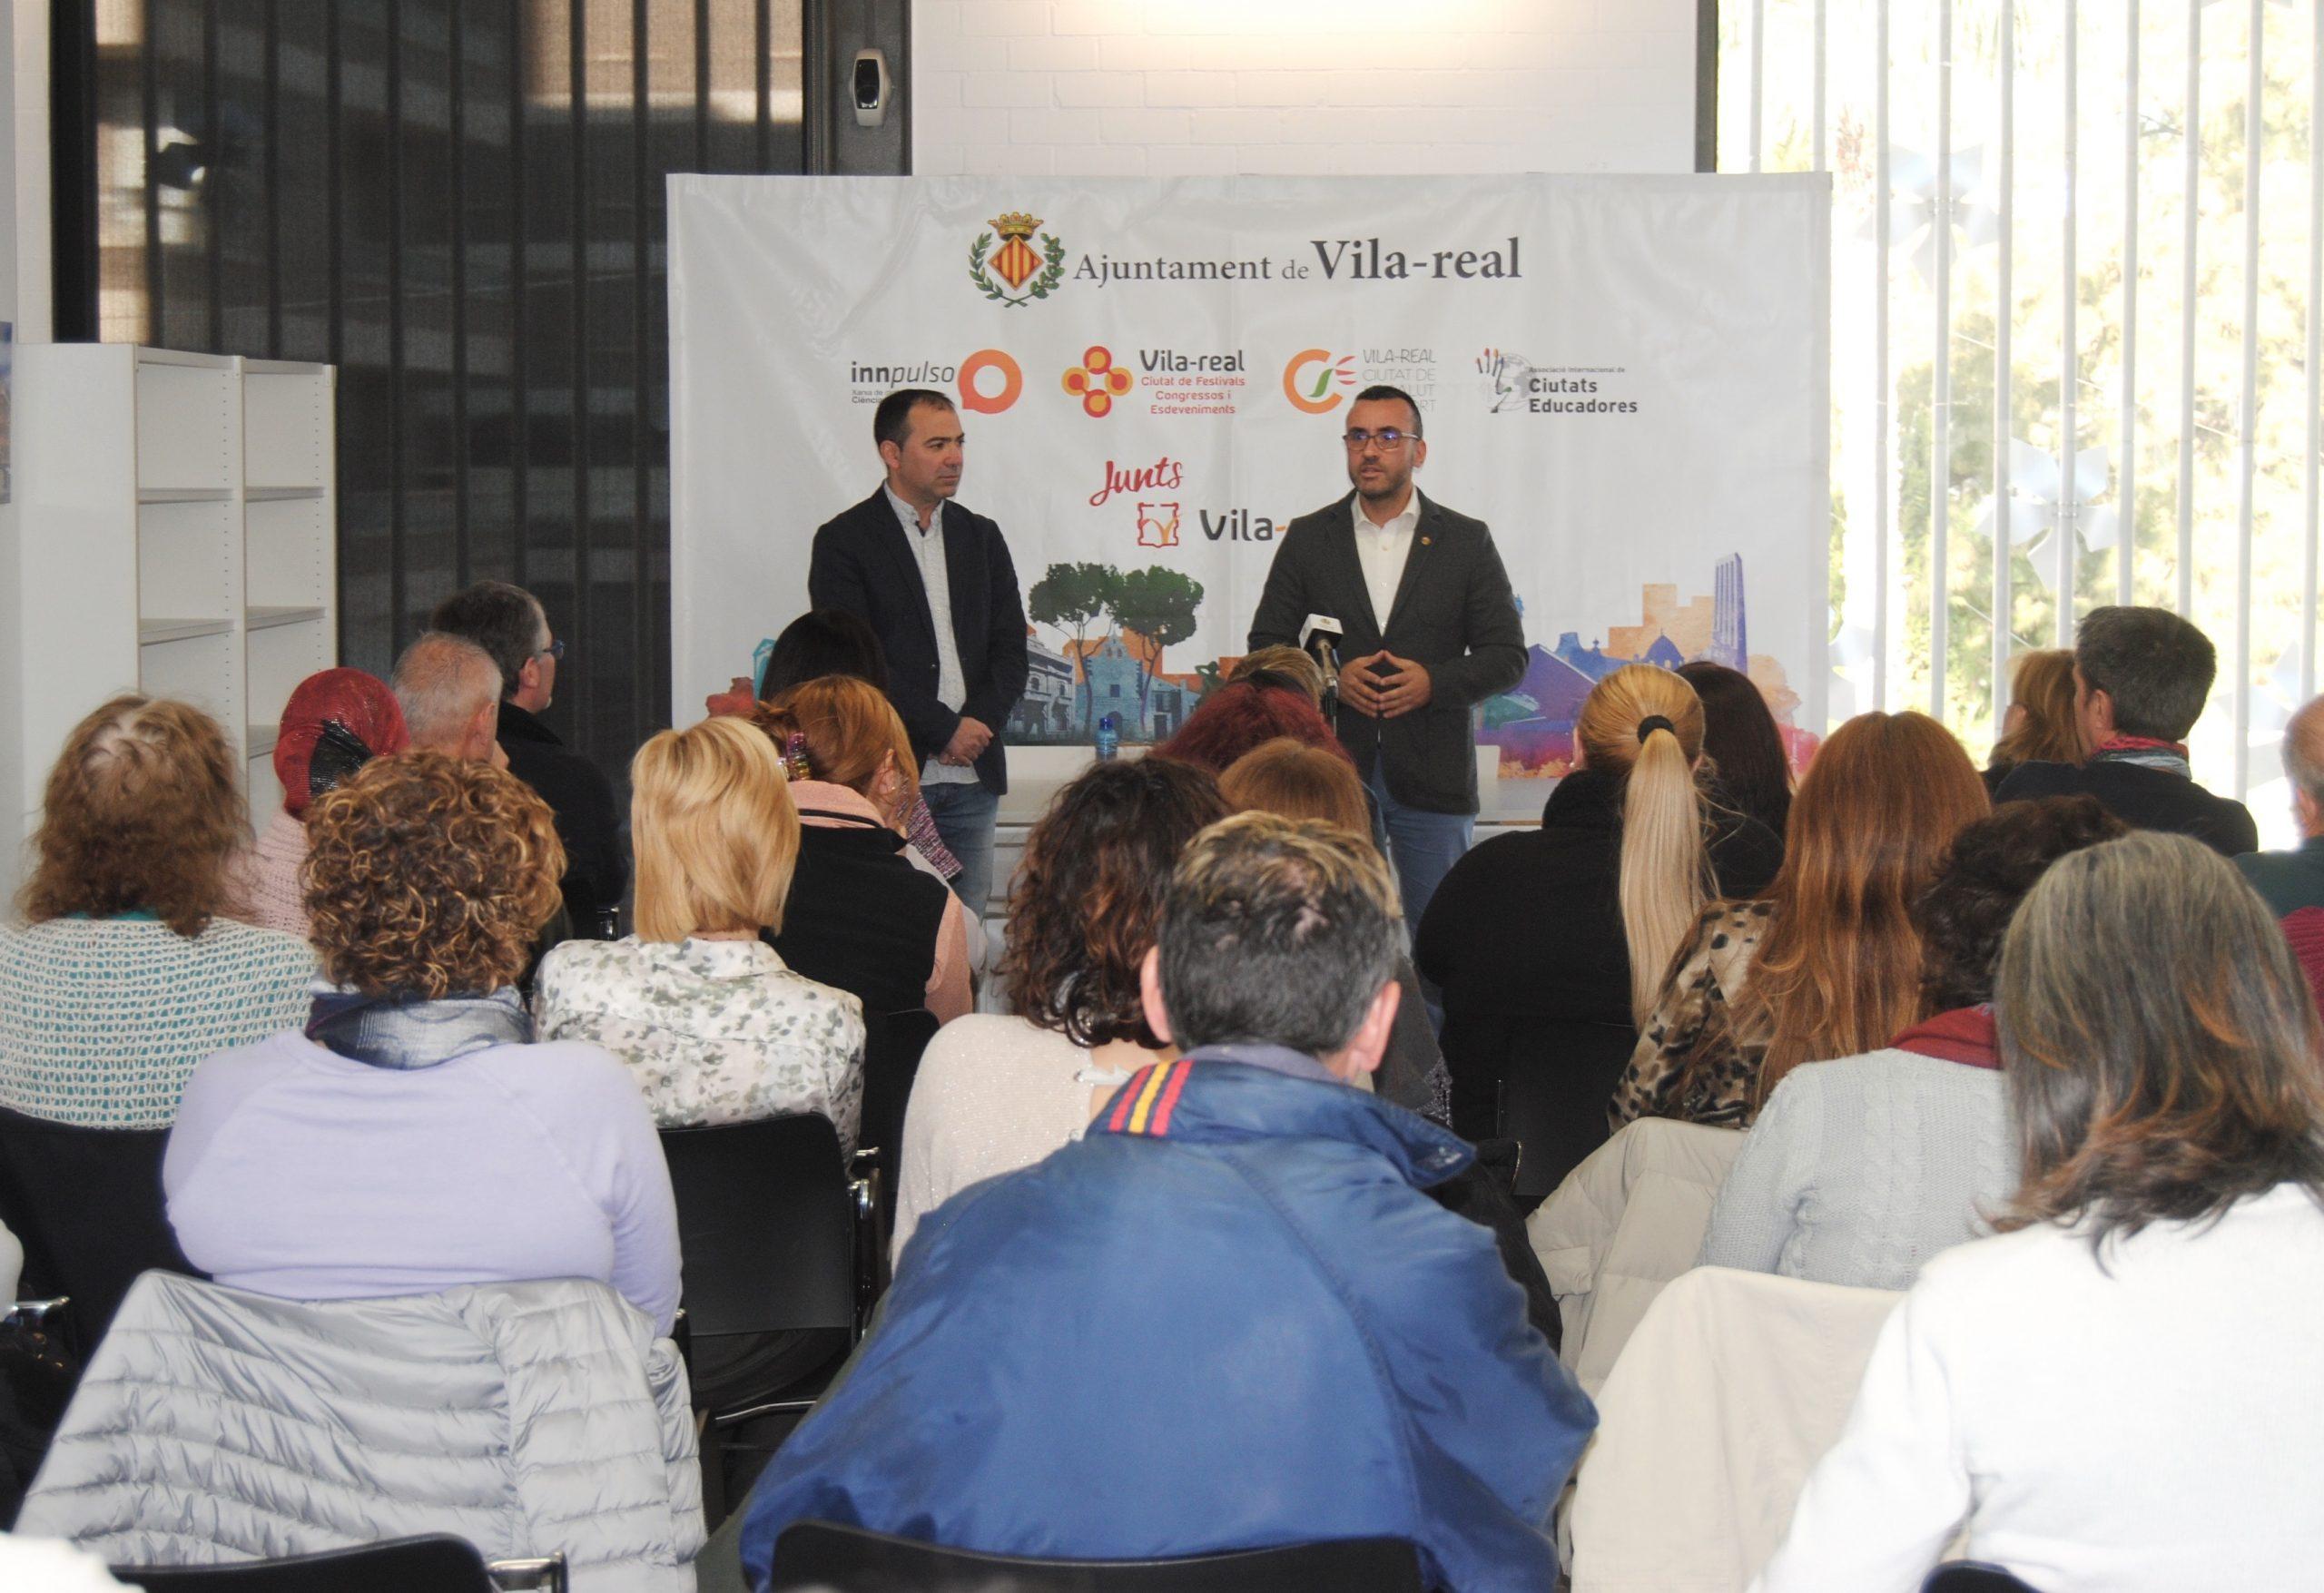 Vila-real da la acogida al nuevo taller de empleo y anuncia la apertura de una empresa de champiñones en la ciudad